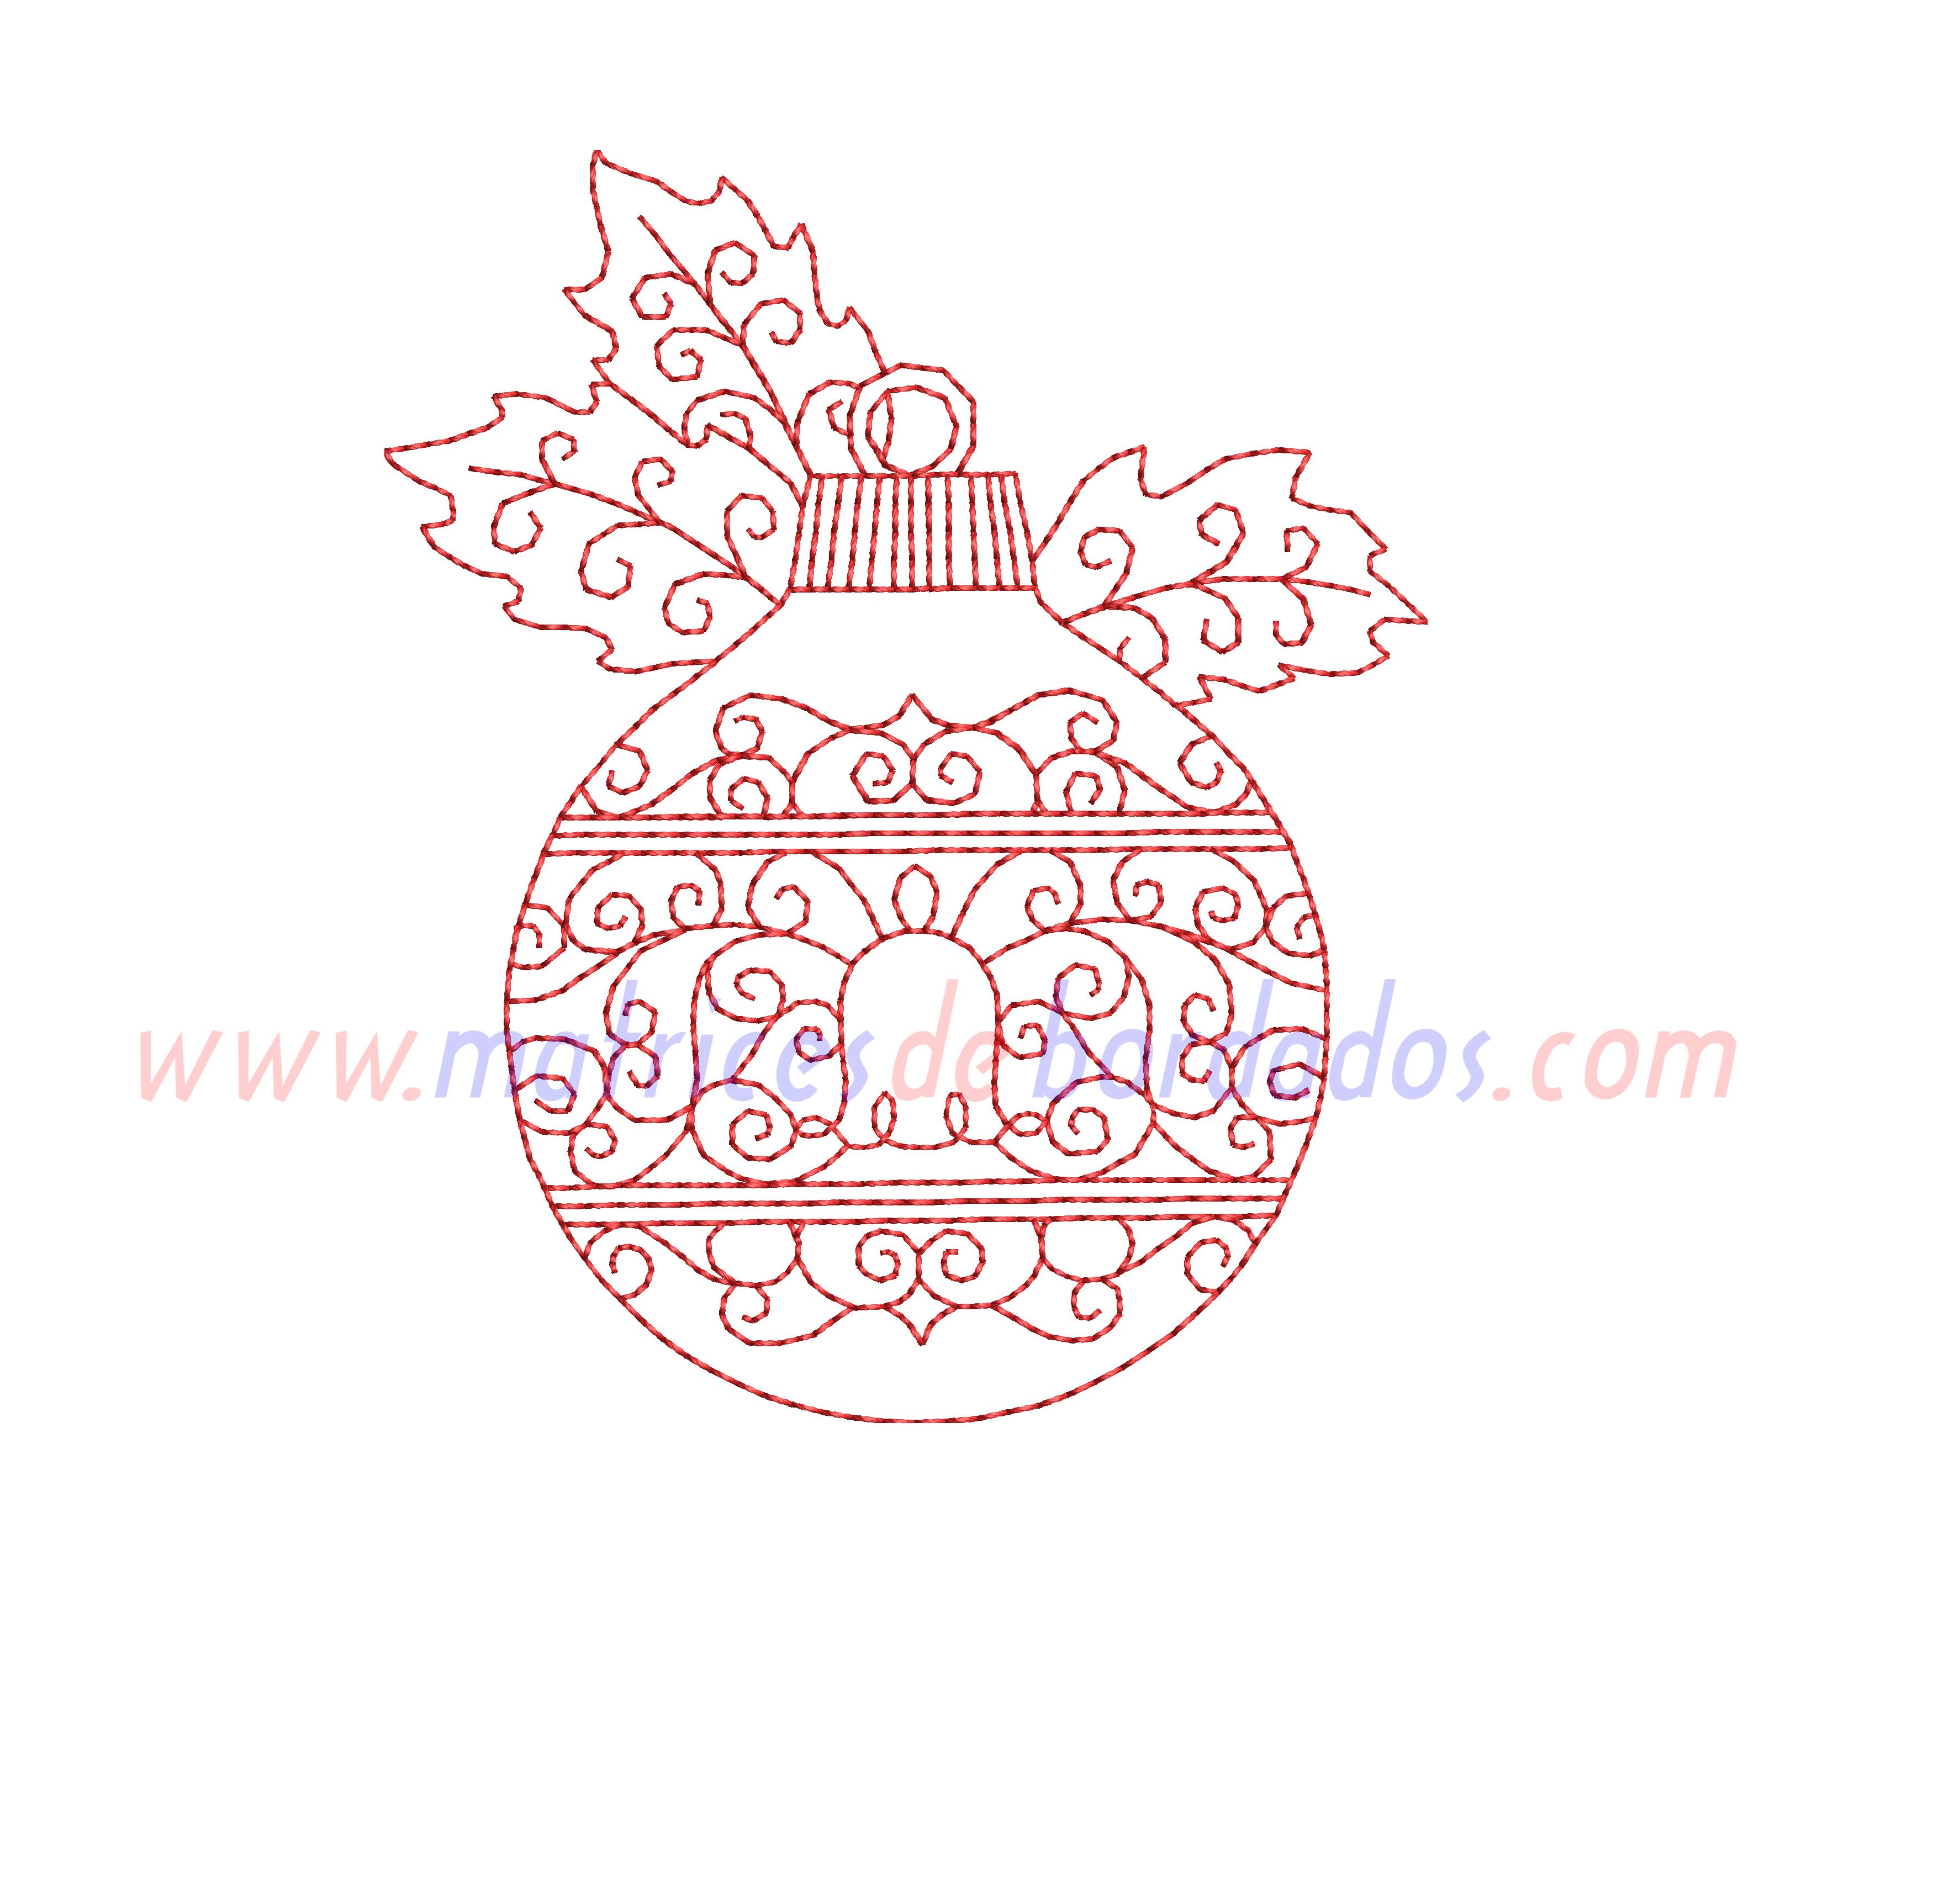 XV27LY - Esfera de Navidad en Redwork